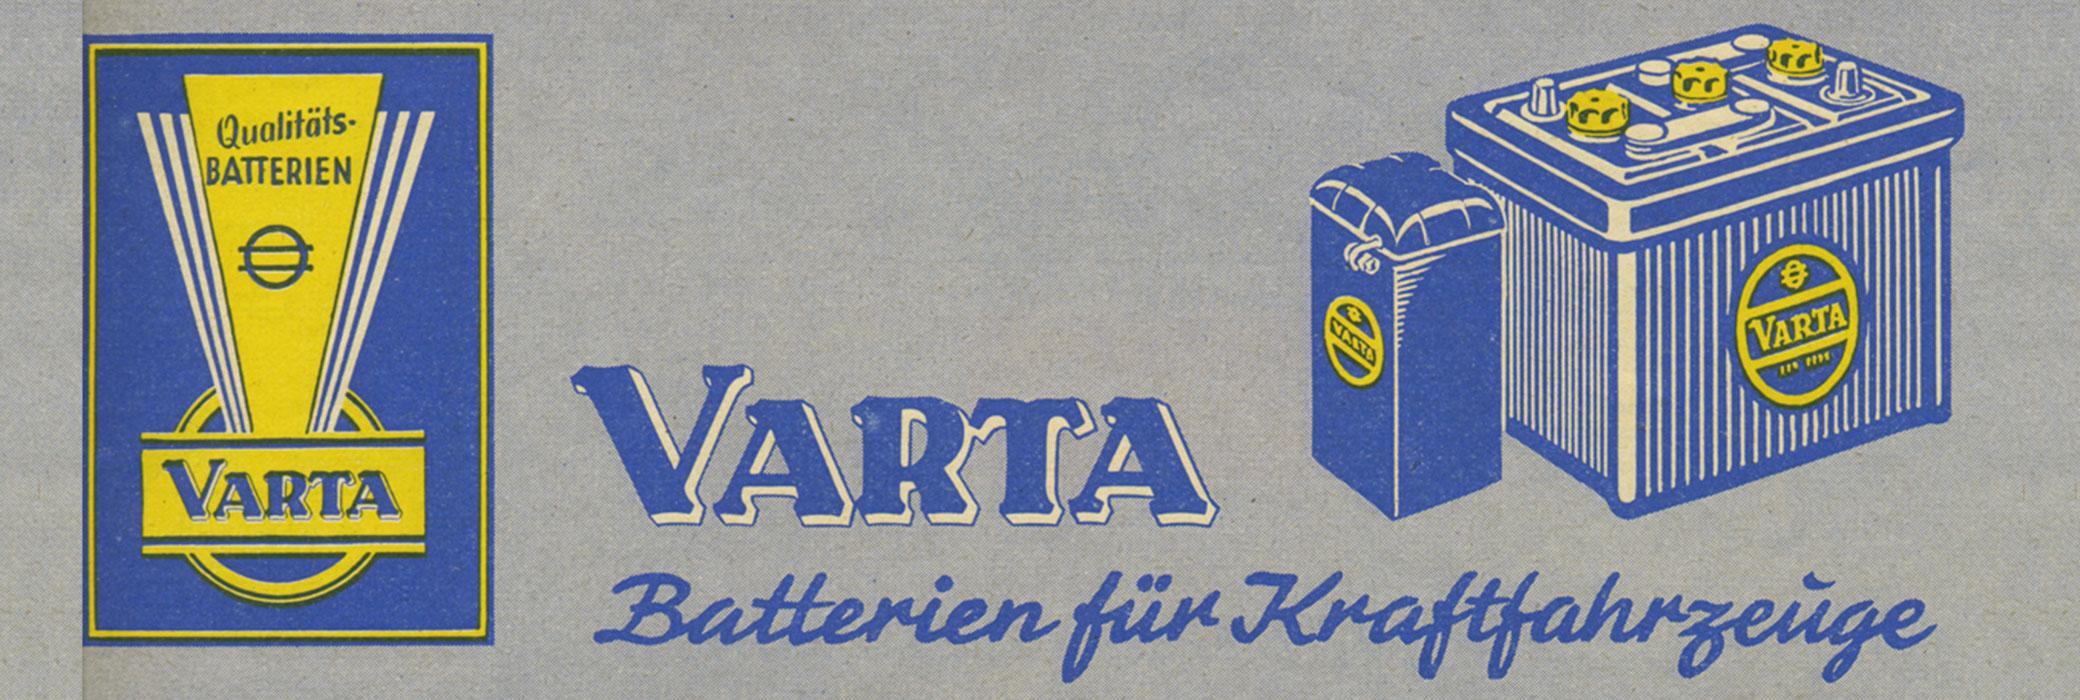 Star oglas VARTA® v rumeni in modri barvi